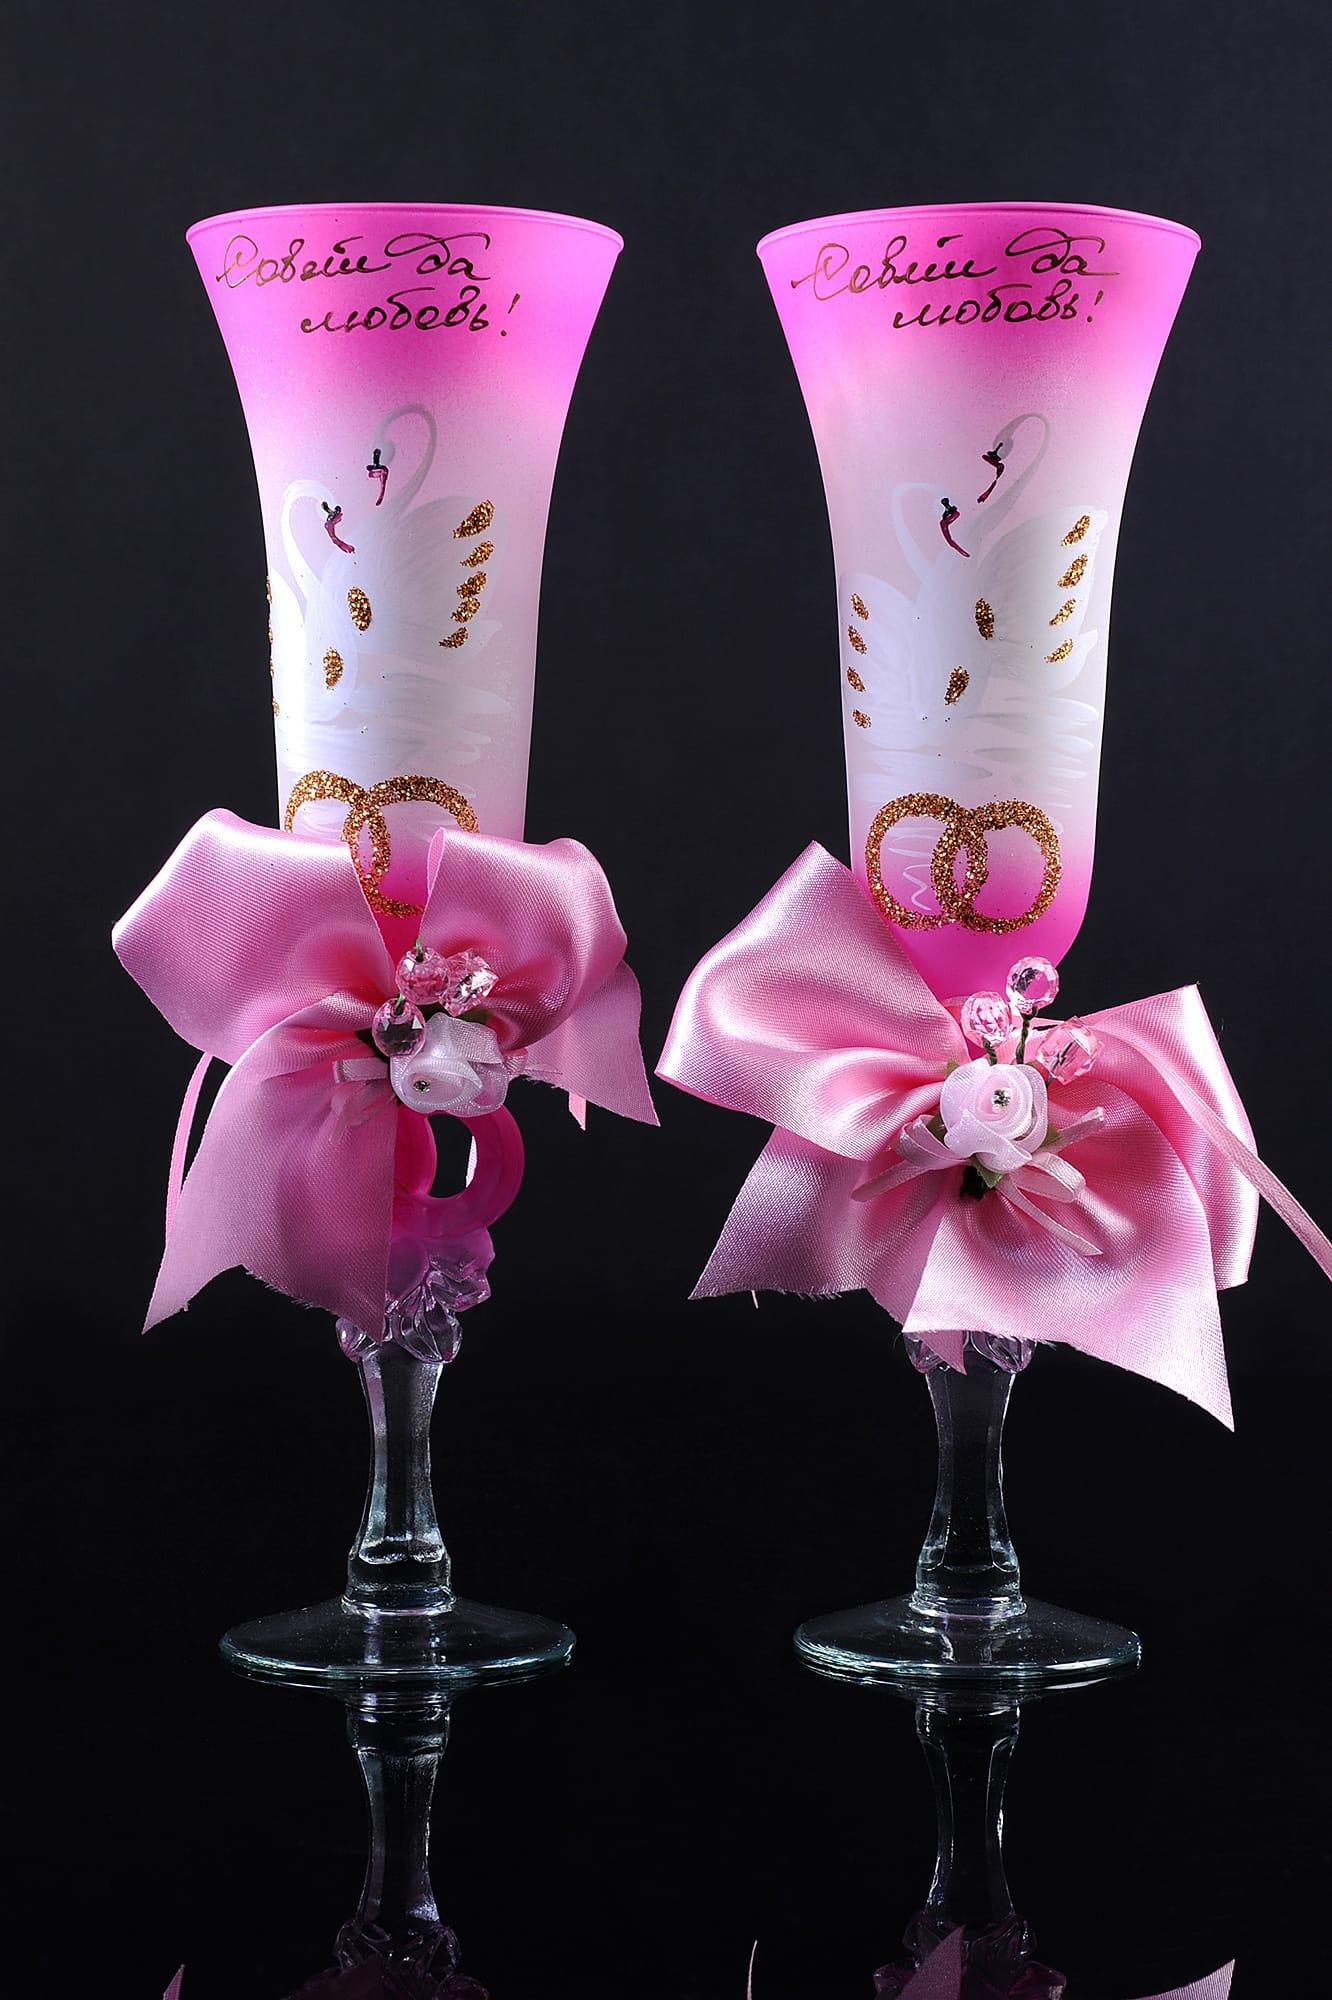 Цветные свадебные бокалы с изображением лебедей и объемными бантами на ножках.